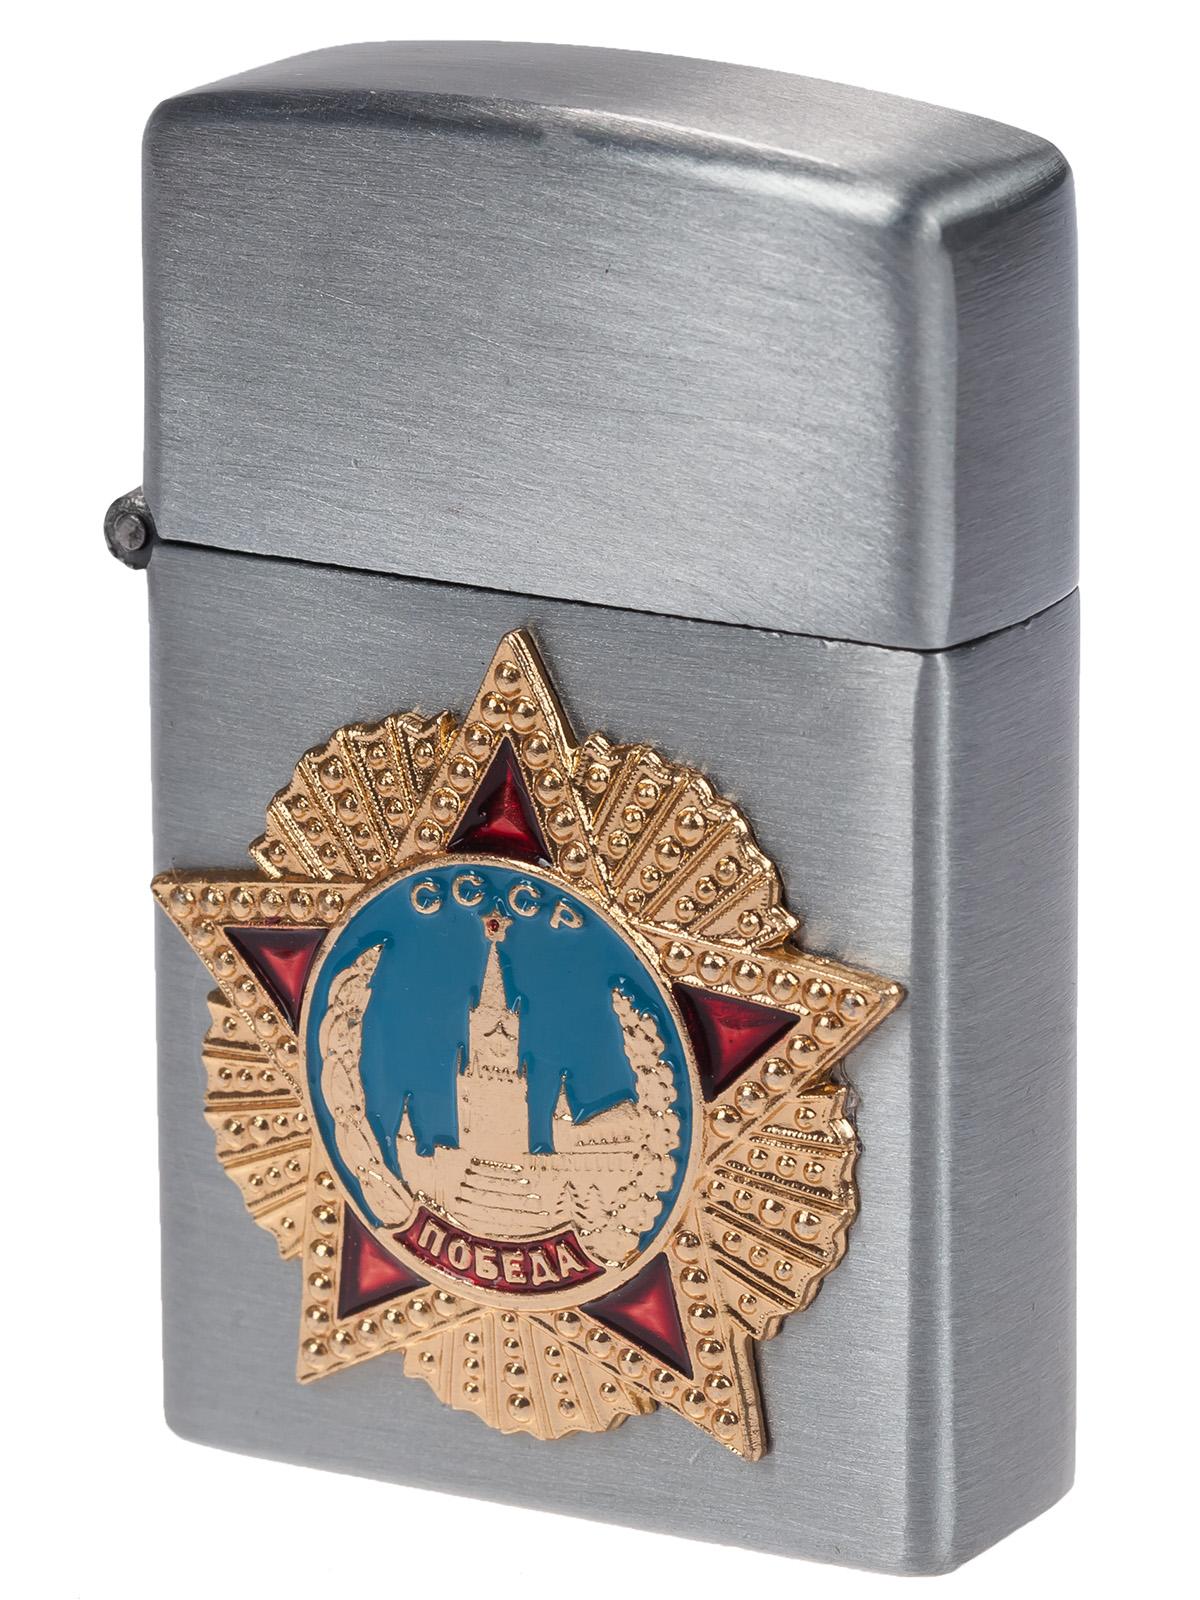 Заказать газовые зажигалки Zippo онлайн недорого к 9 мая